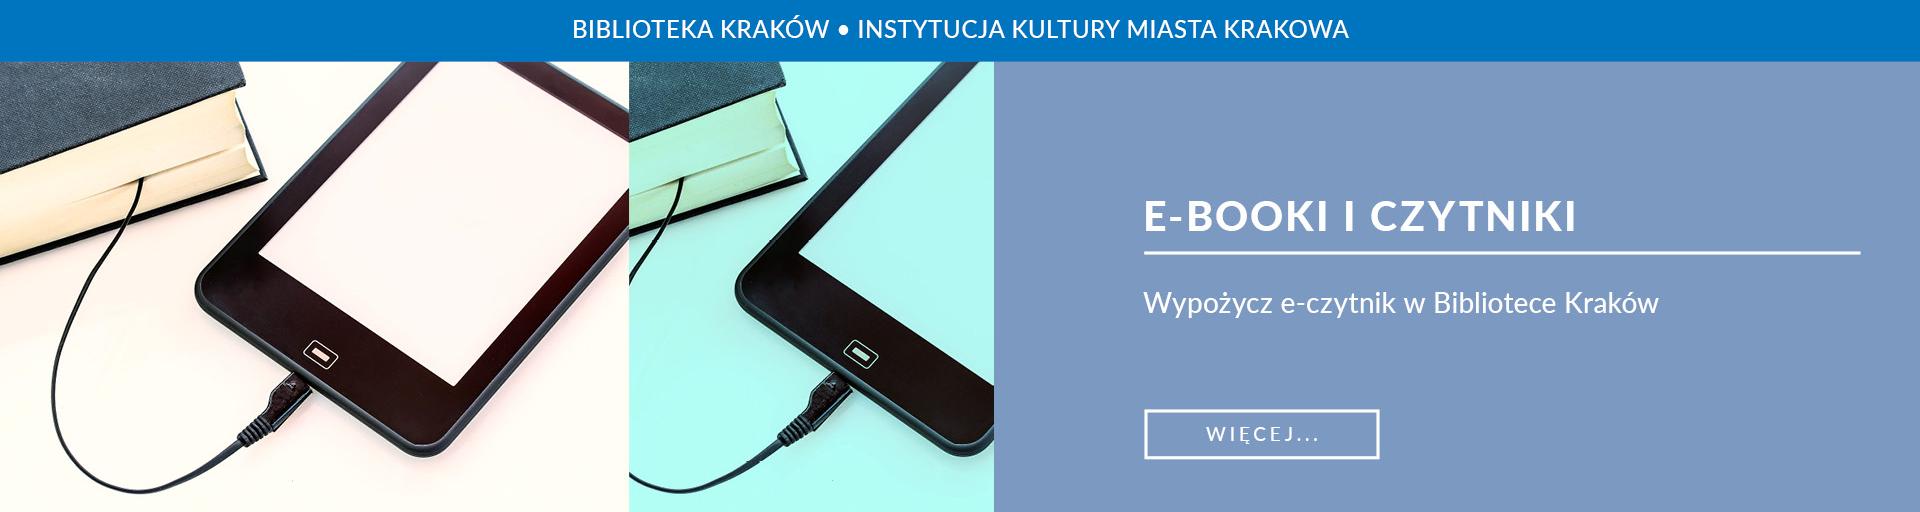 O ebookach w Bibliotece Kraków